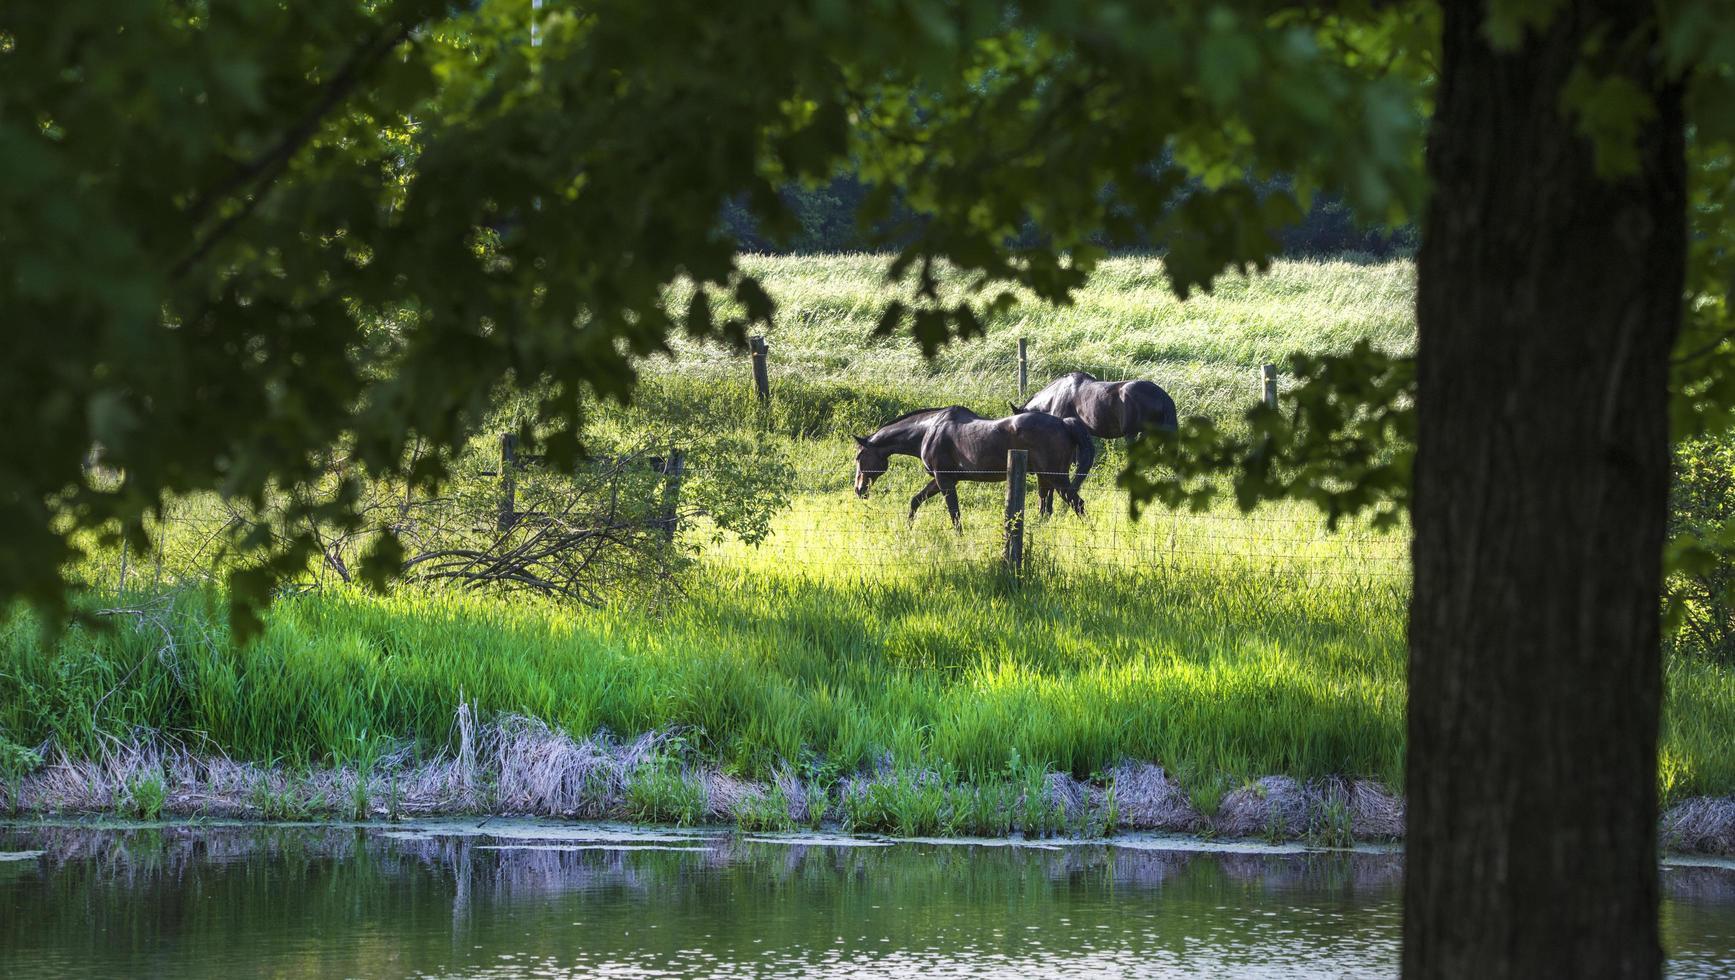 uitzicht door de bomen van zwarte paarden op groen gras foto